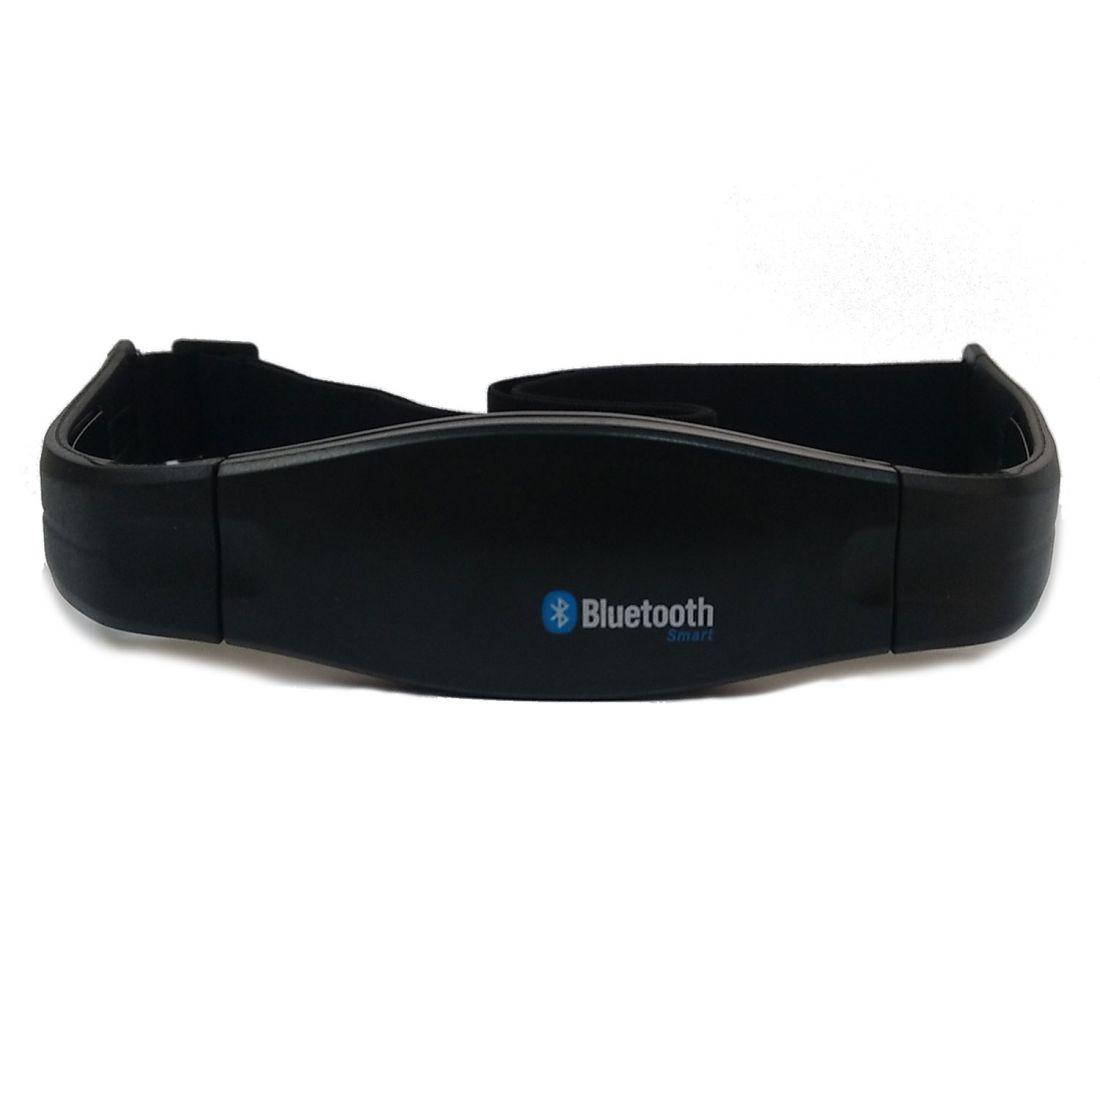 Нагрудный кардиодатчик Bluetooth 4.0 и 5.3 кГц DFC W227Q